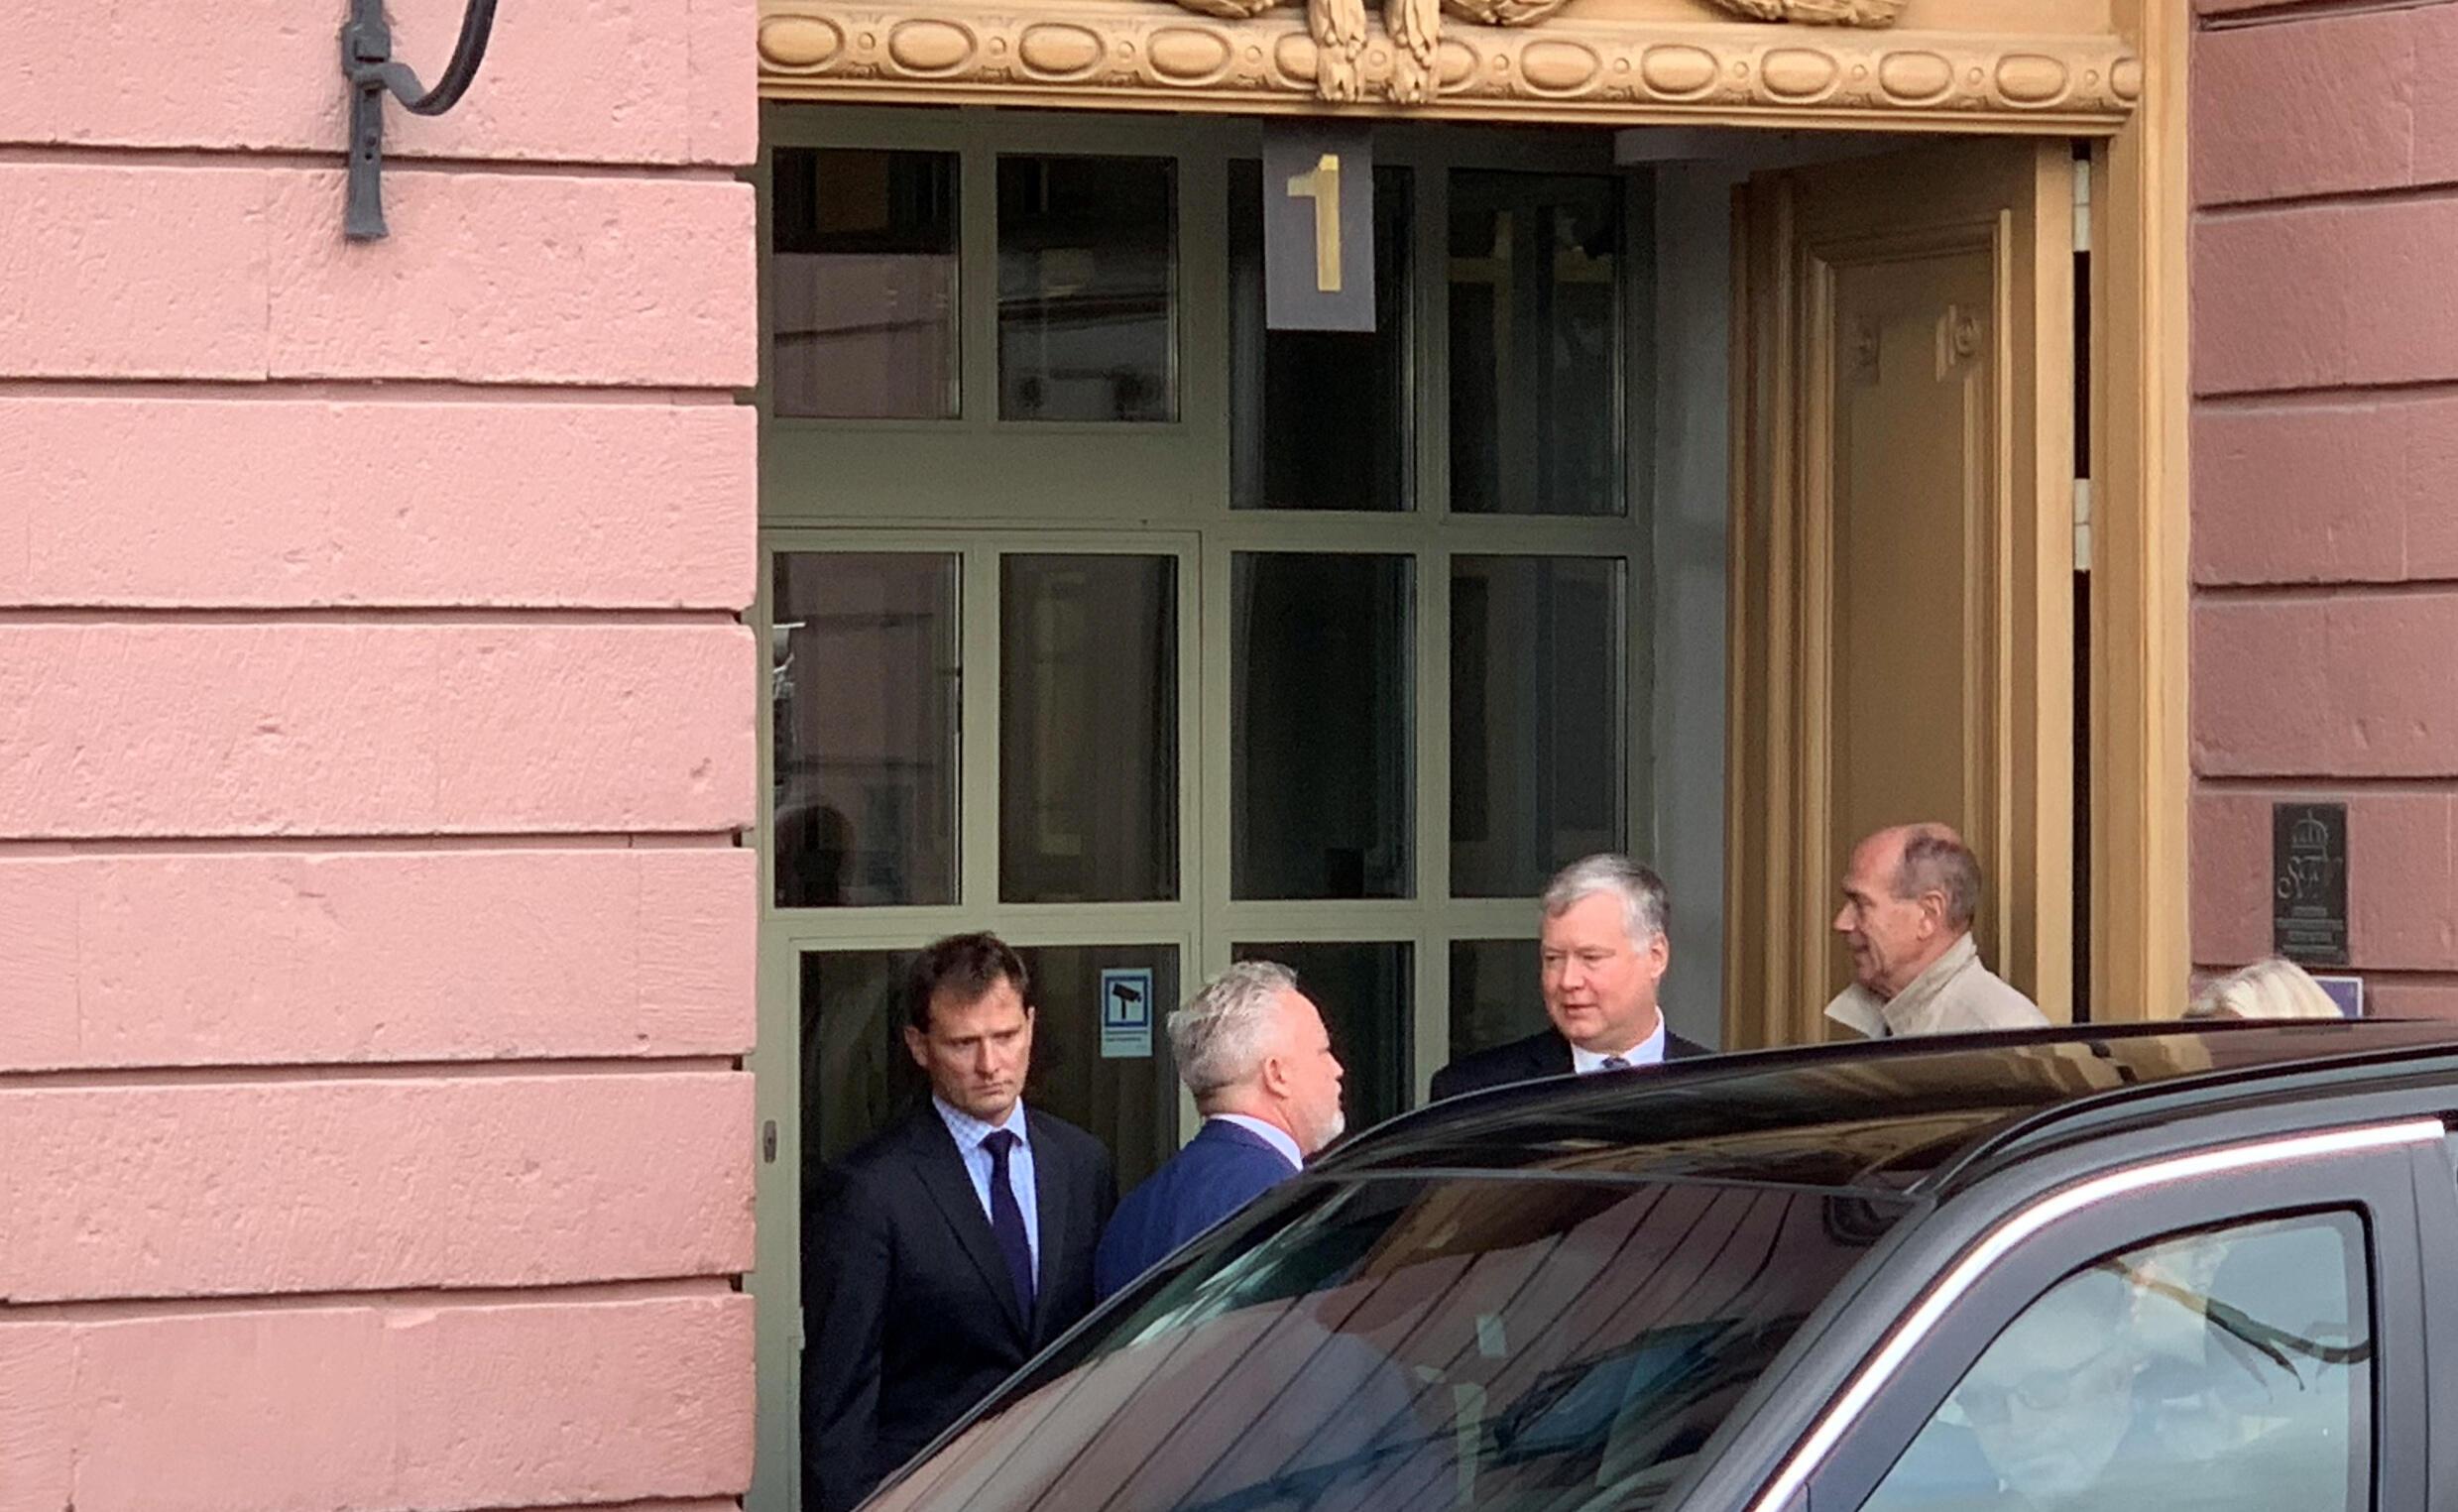 Đặc phái viên Mỹ về hồ sơ Bắc Triều Tiên Stephen Biegun ra khỏi trụ sở bộ Ngoại Giao Thụy Điển, nơi diễn ra cuộc đàm phán với Bắc Triều Tiên, Stockholm, ngày 04/10/2019